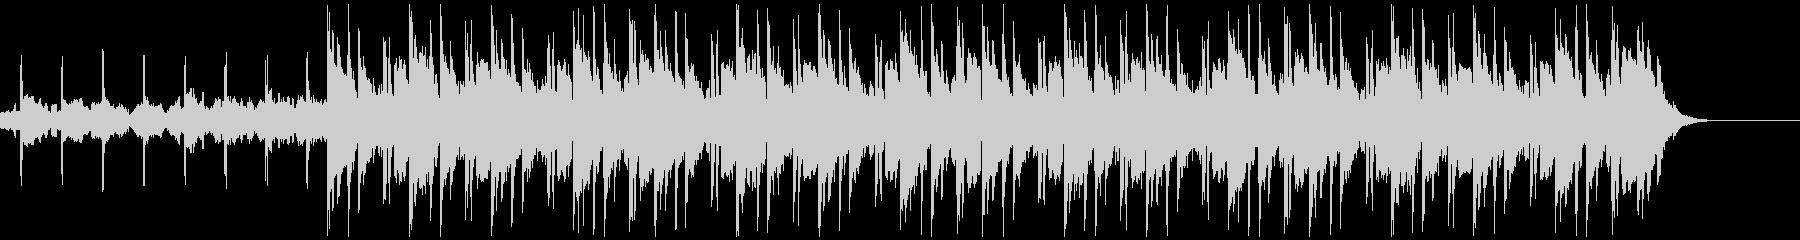 チルアウト/和風エキゾチックなトラップの未再生の波形